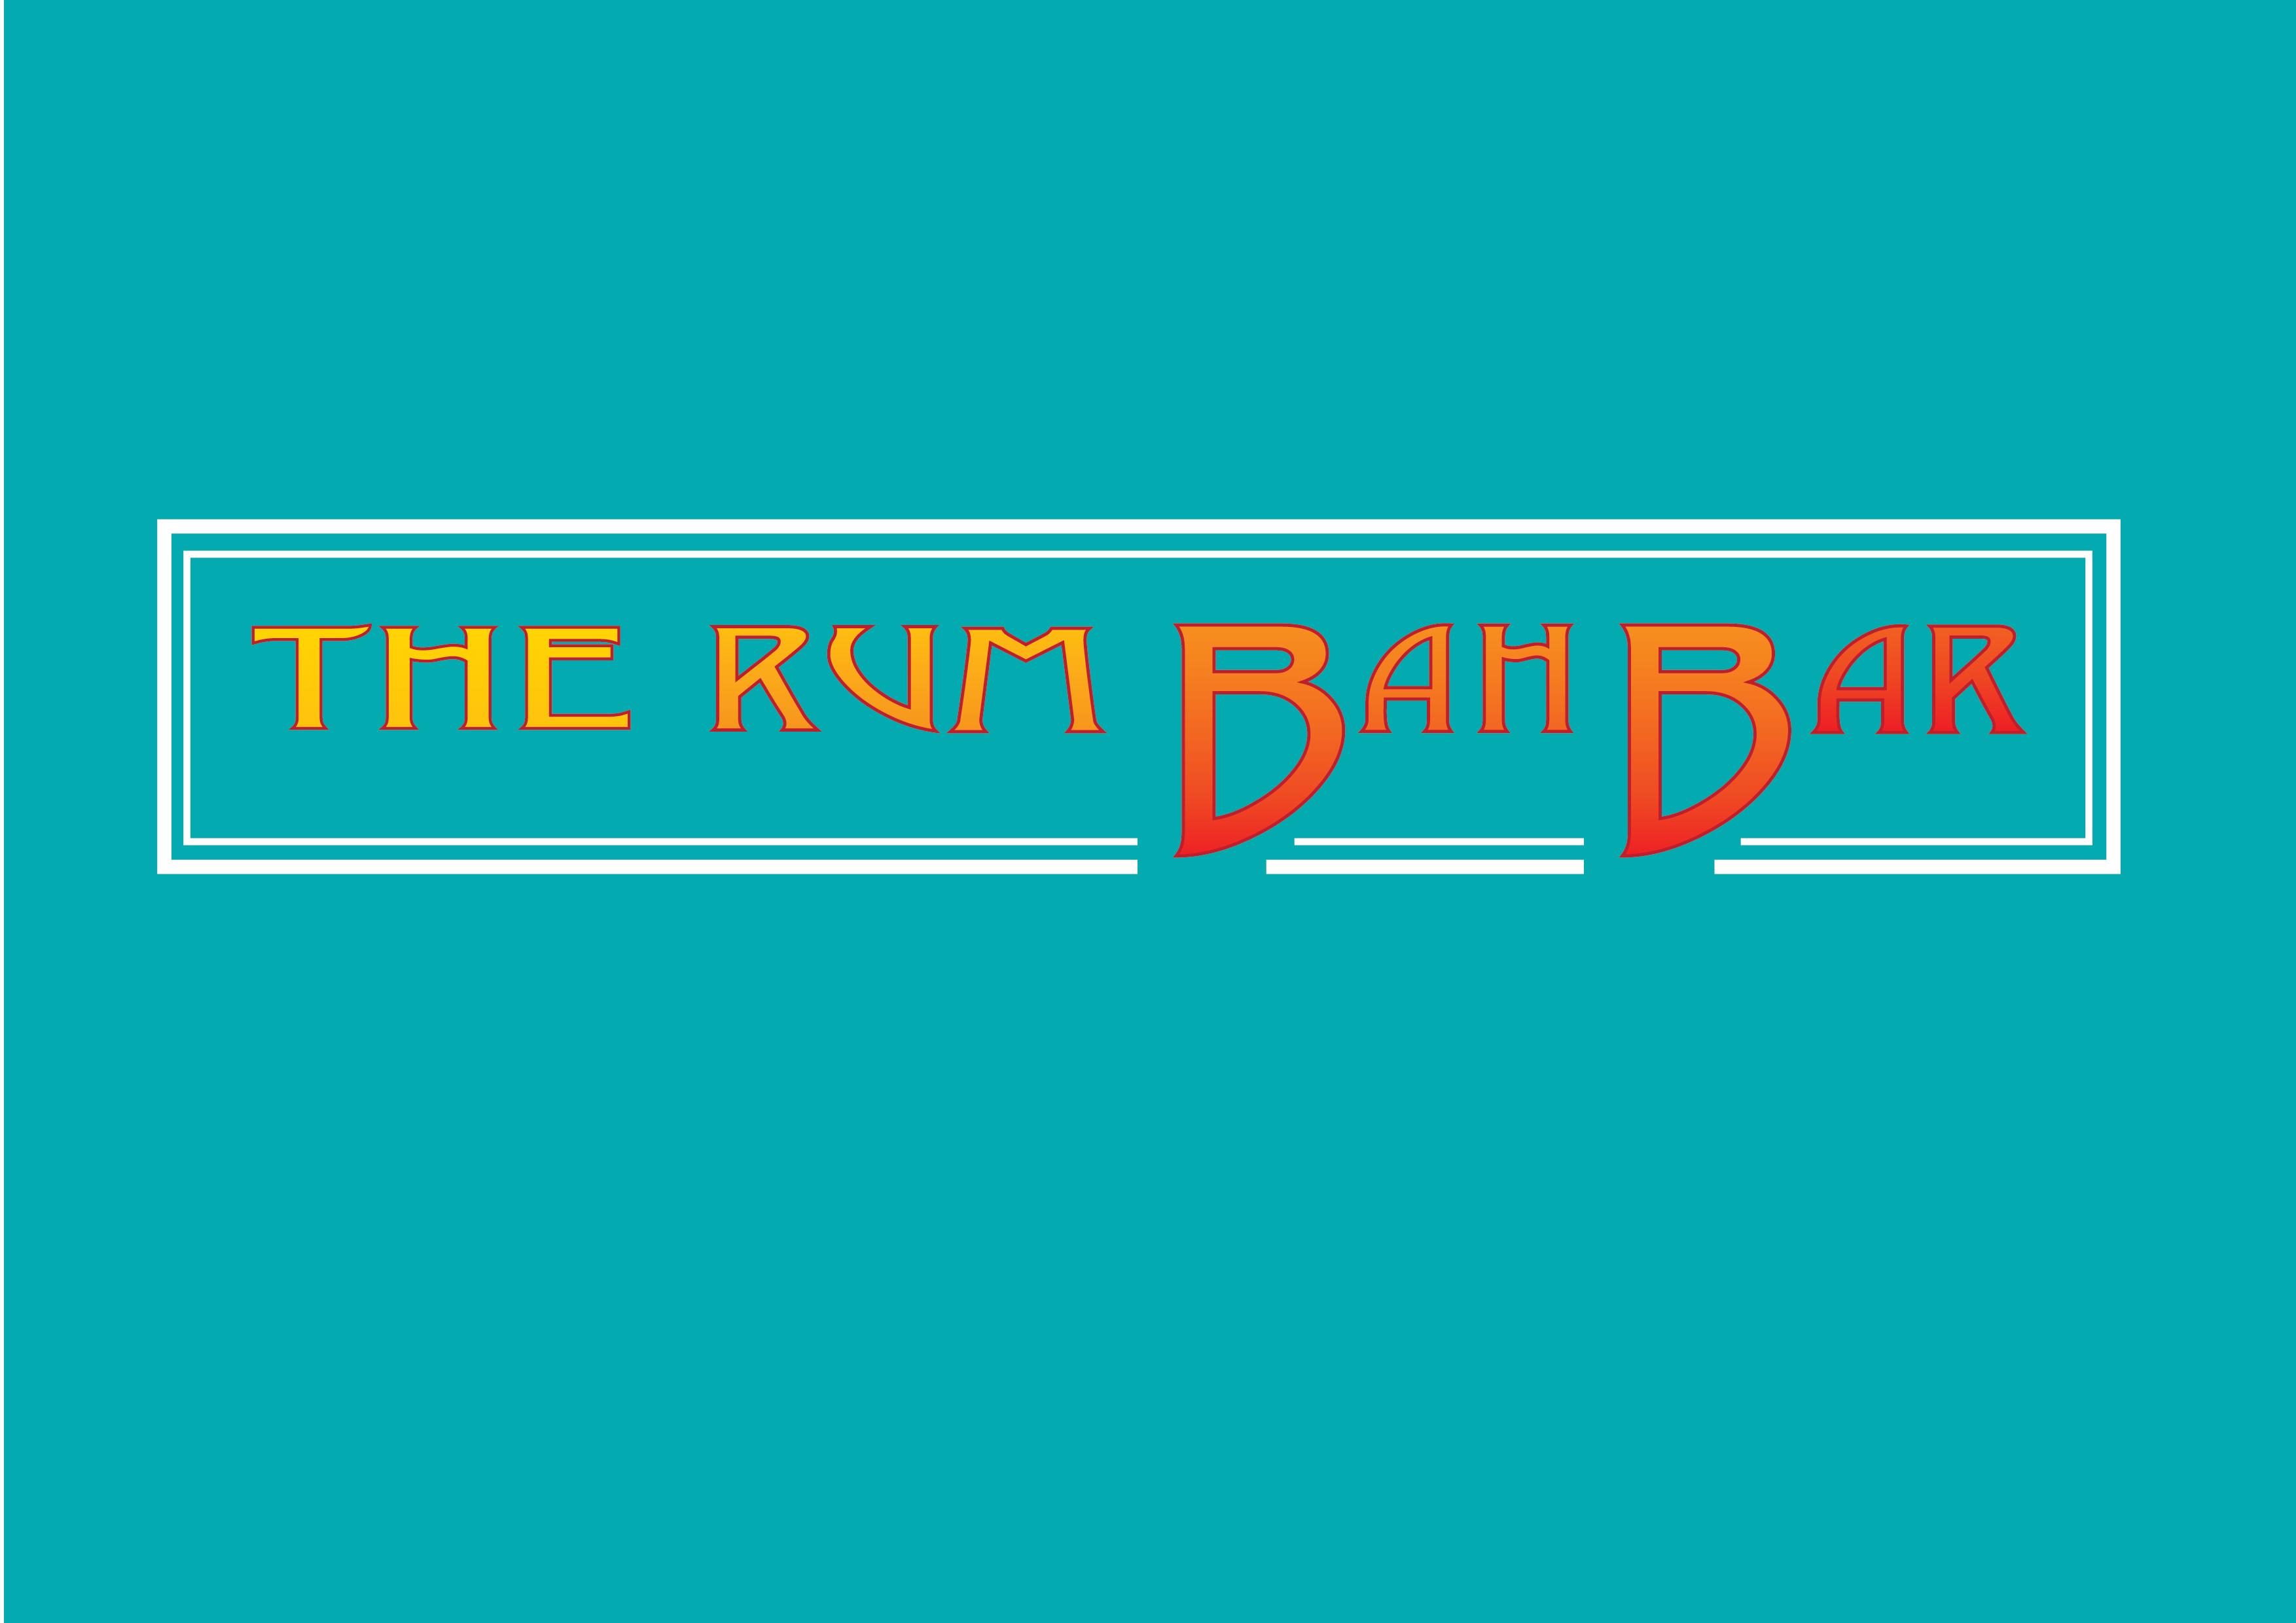 THE RUM BAH BAR LTD